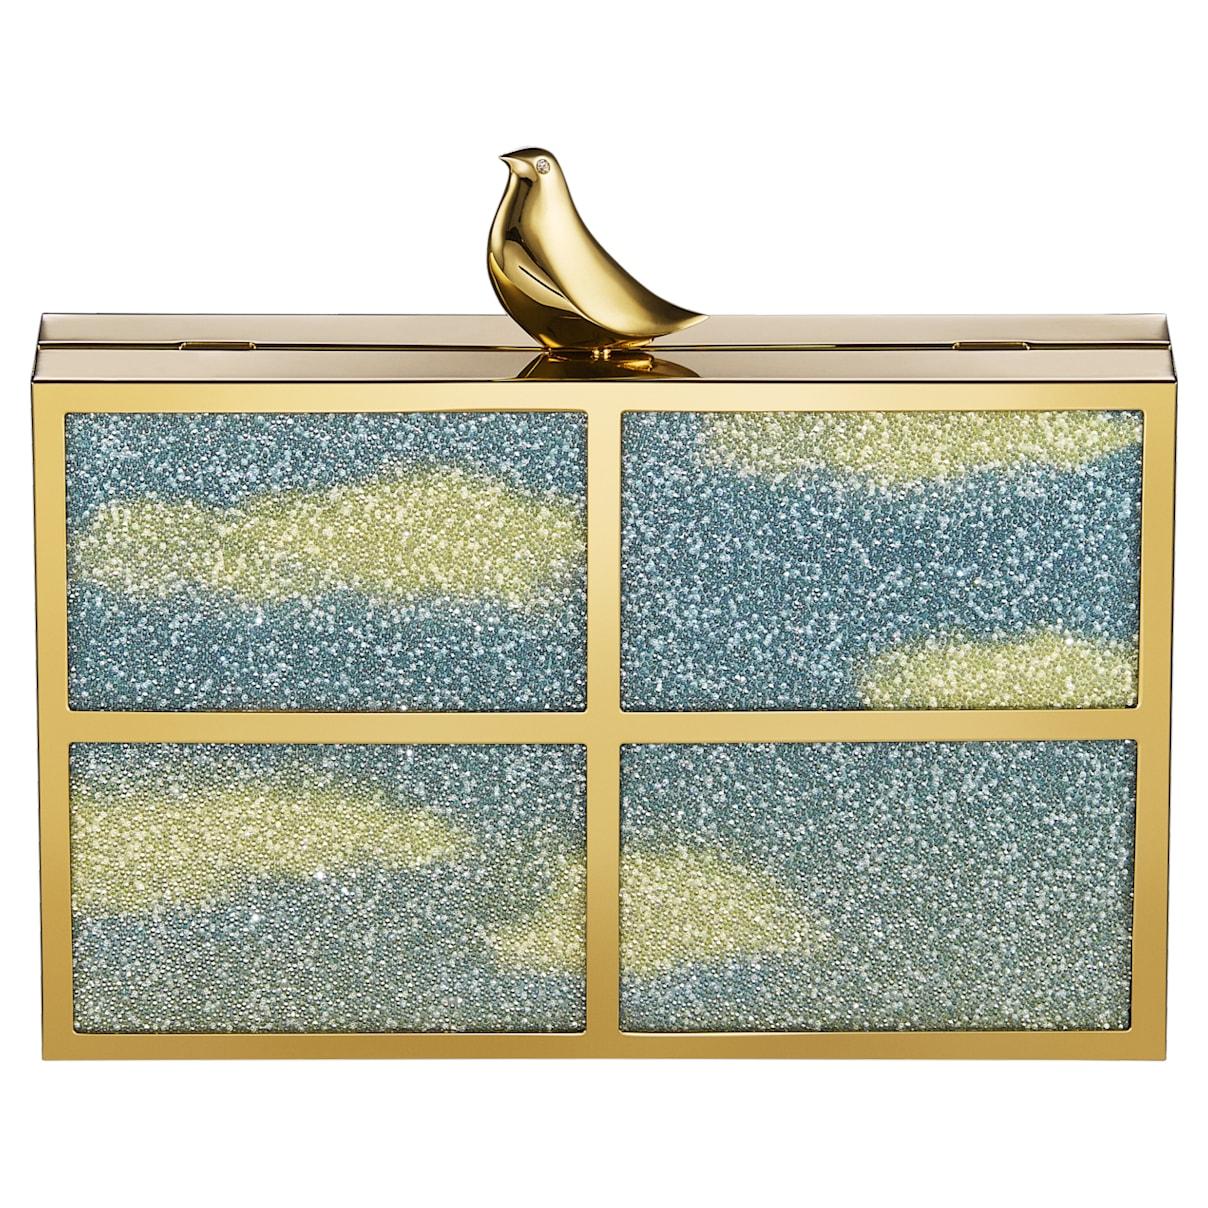 Borsetta Free As A Bird, tono dorato, placcato color oro